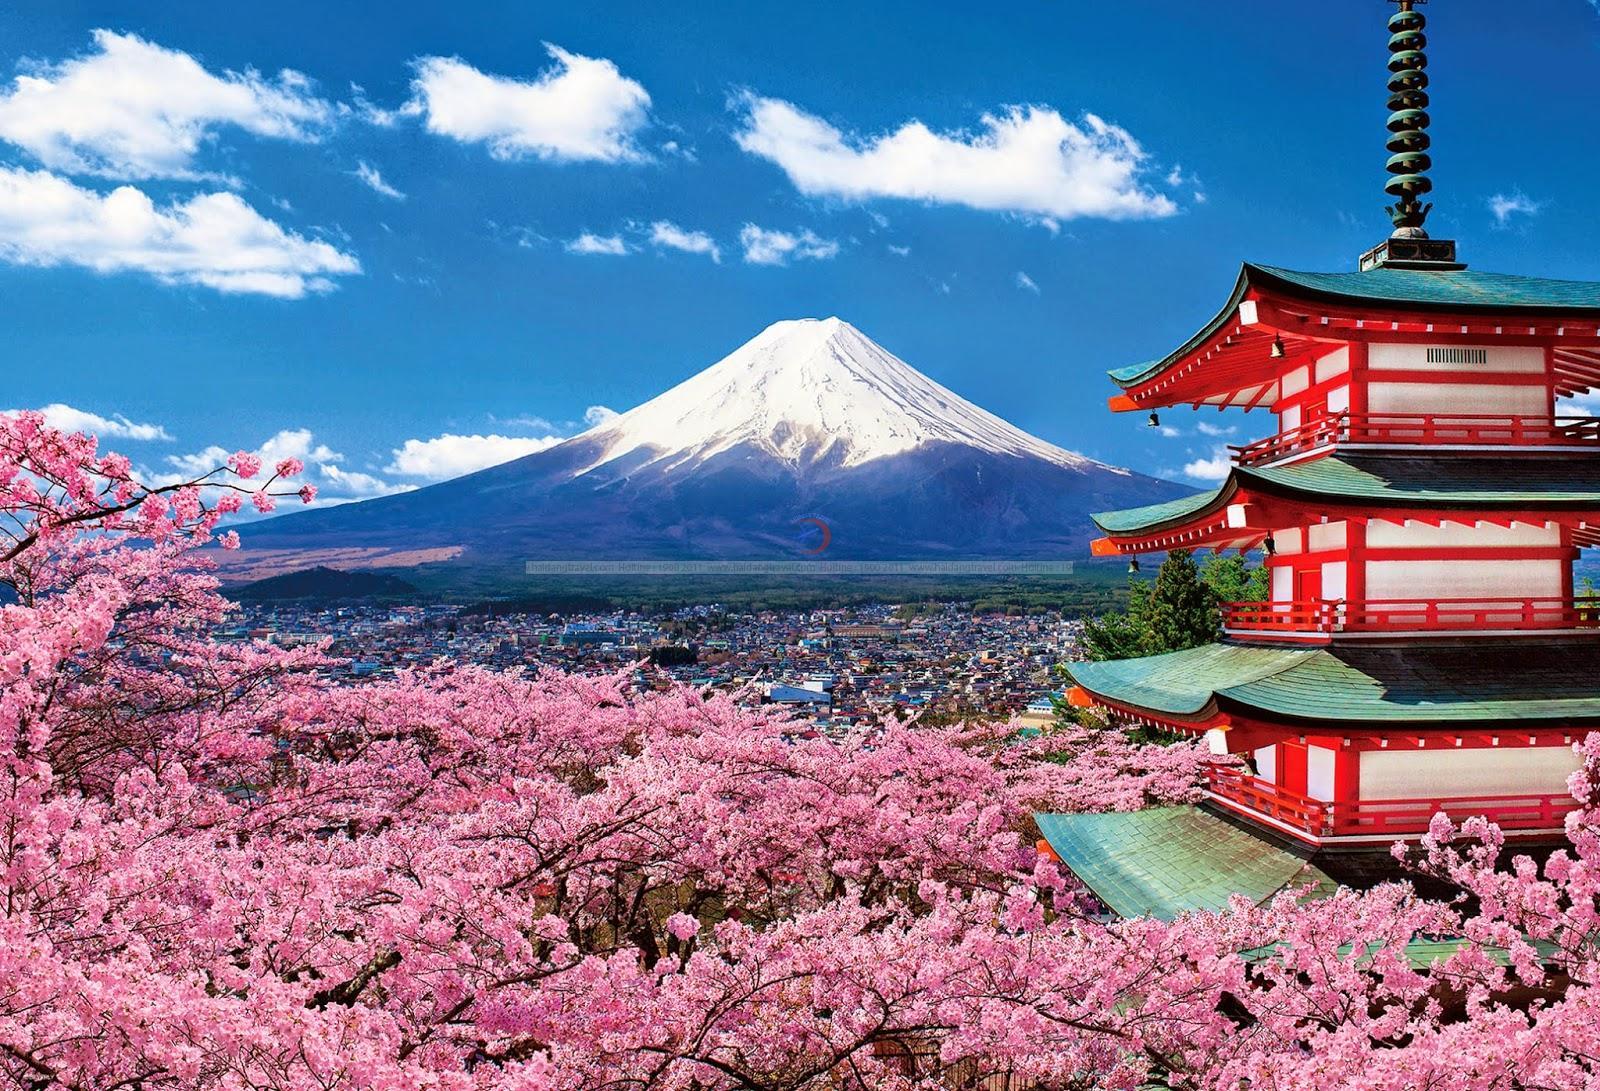 Tour Nhật Bản giá rẻ - sự lựa chọn hoàn hảo cho bạn và gia đình